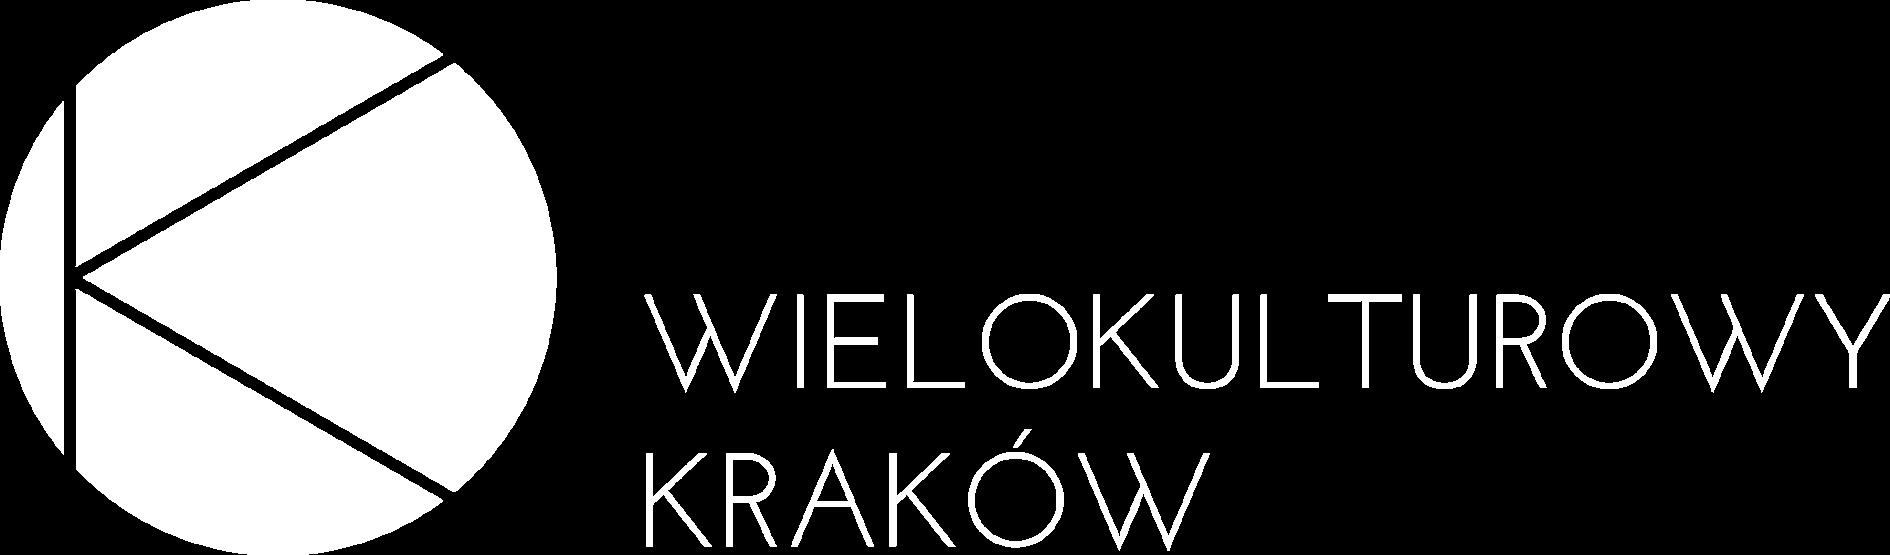 Wielokulturowy Kraków